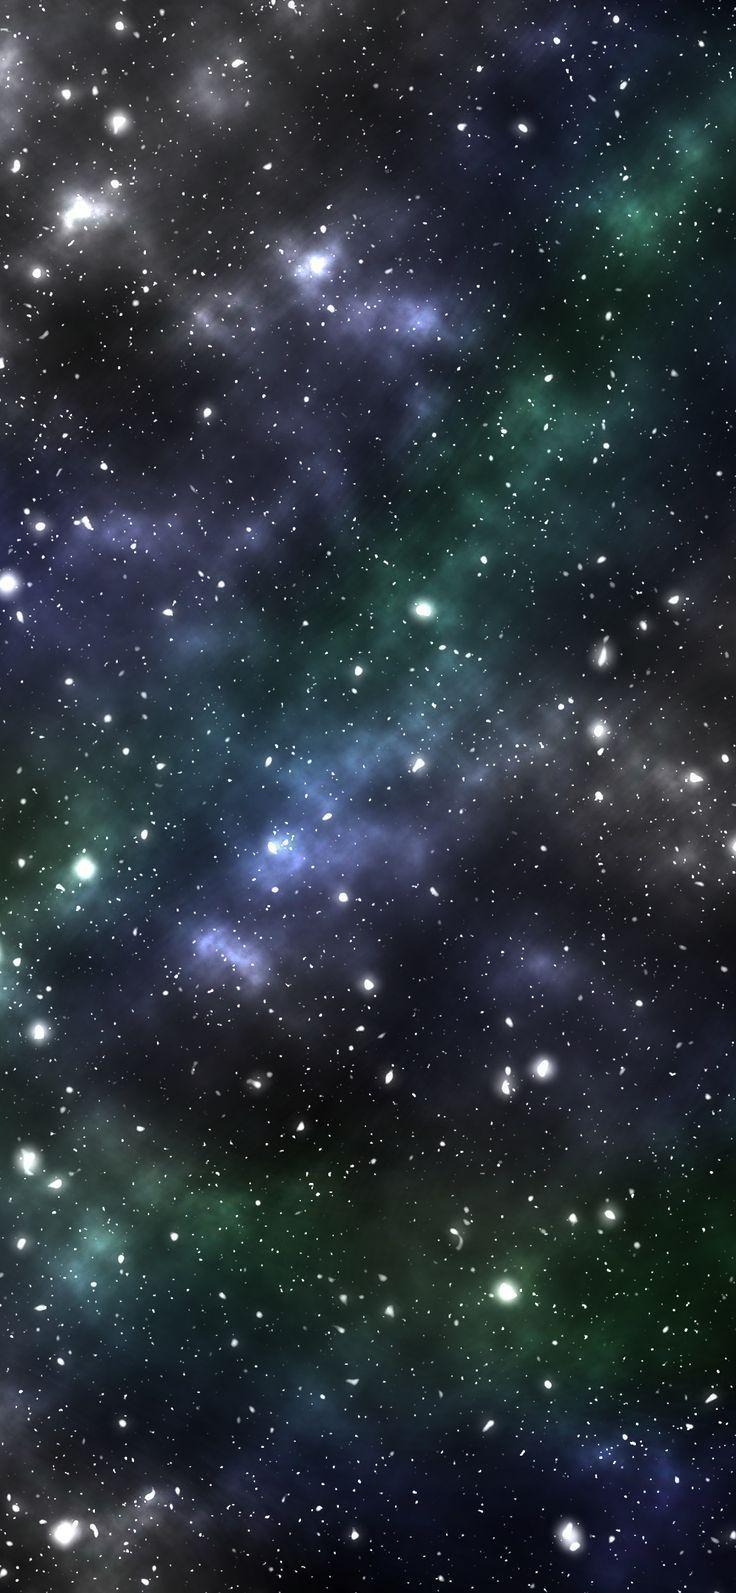 Fond D Ecran Ecran Hd Galaxy Galaxy Wallpaper Iphone Galaxy Wallpaper Galaxy Wallpaper Quotes